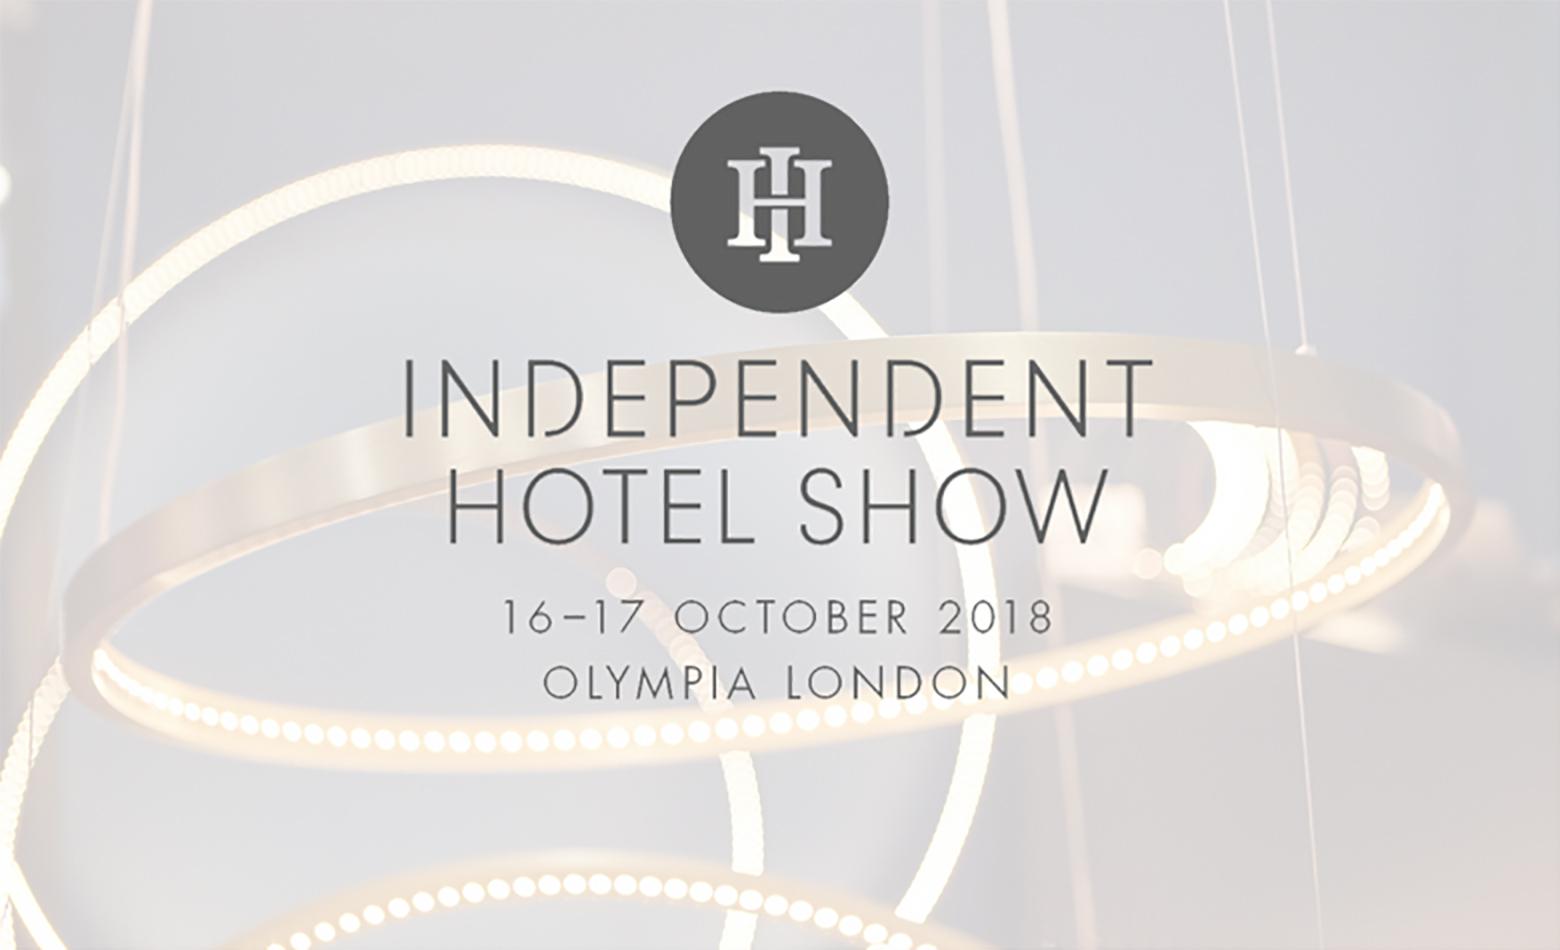 Independent Hotel Show 2018 | British Institute of Interior Design